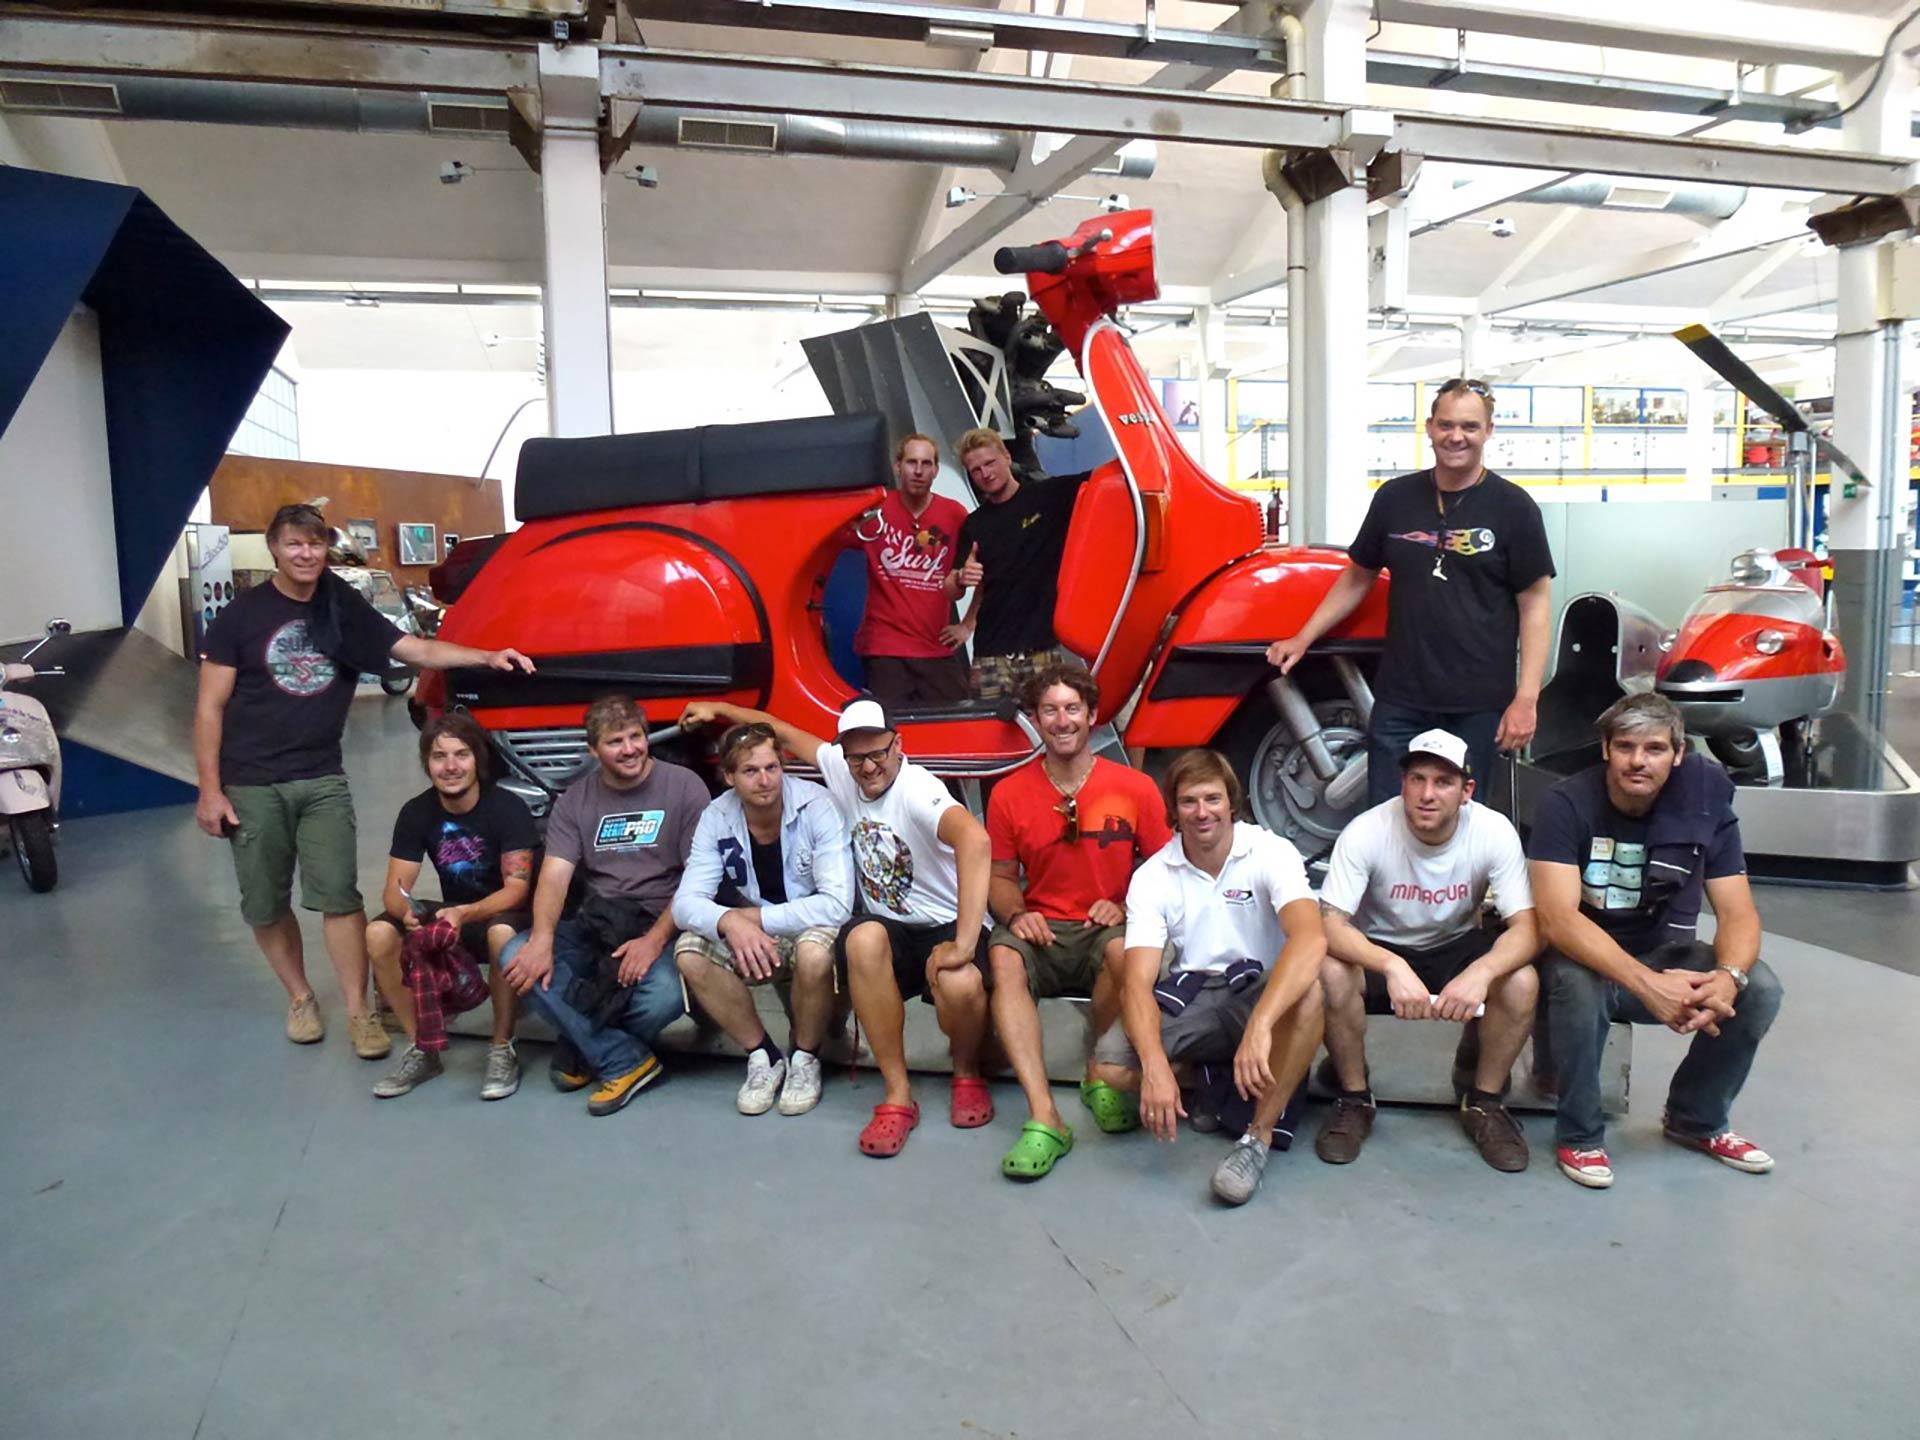 Das SIP Scootershop Team auf Werksbesuch bei Piaggio in Pontedera 2011